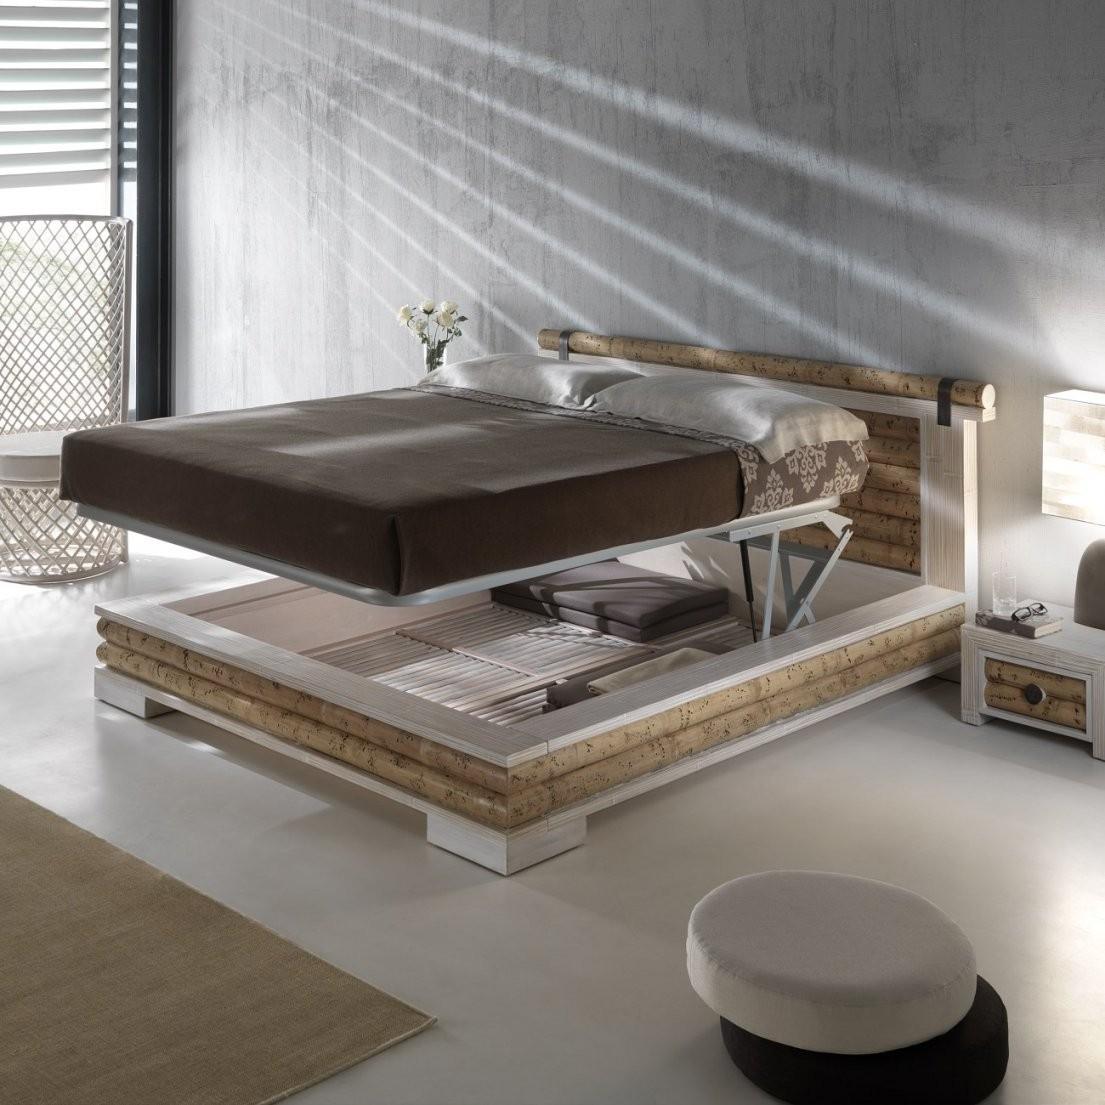 Futonbett Ohne Kopfteil Weis Futon Bett Schwarz Mit Holz 140X200 von Bett Ohne Kopfteil Mit Bettkasten Bild